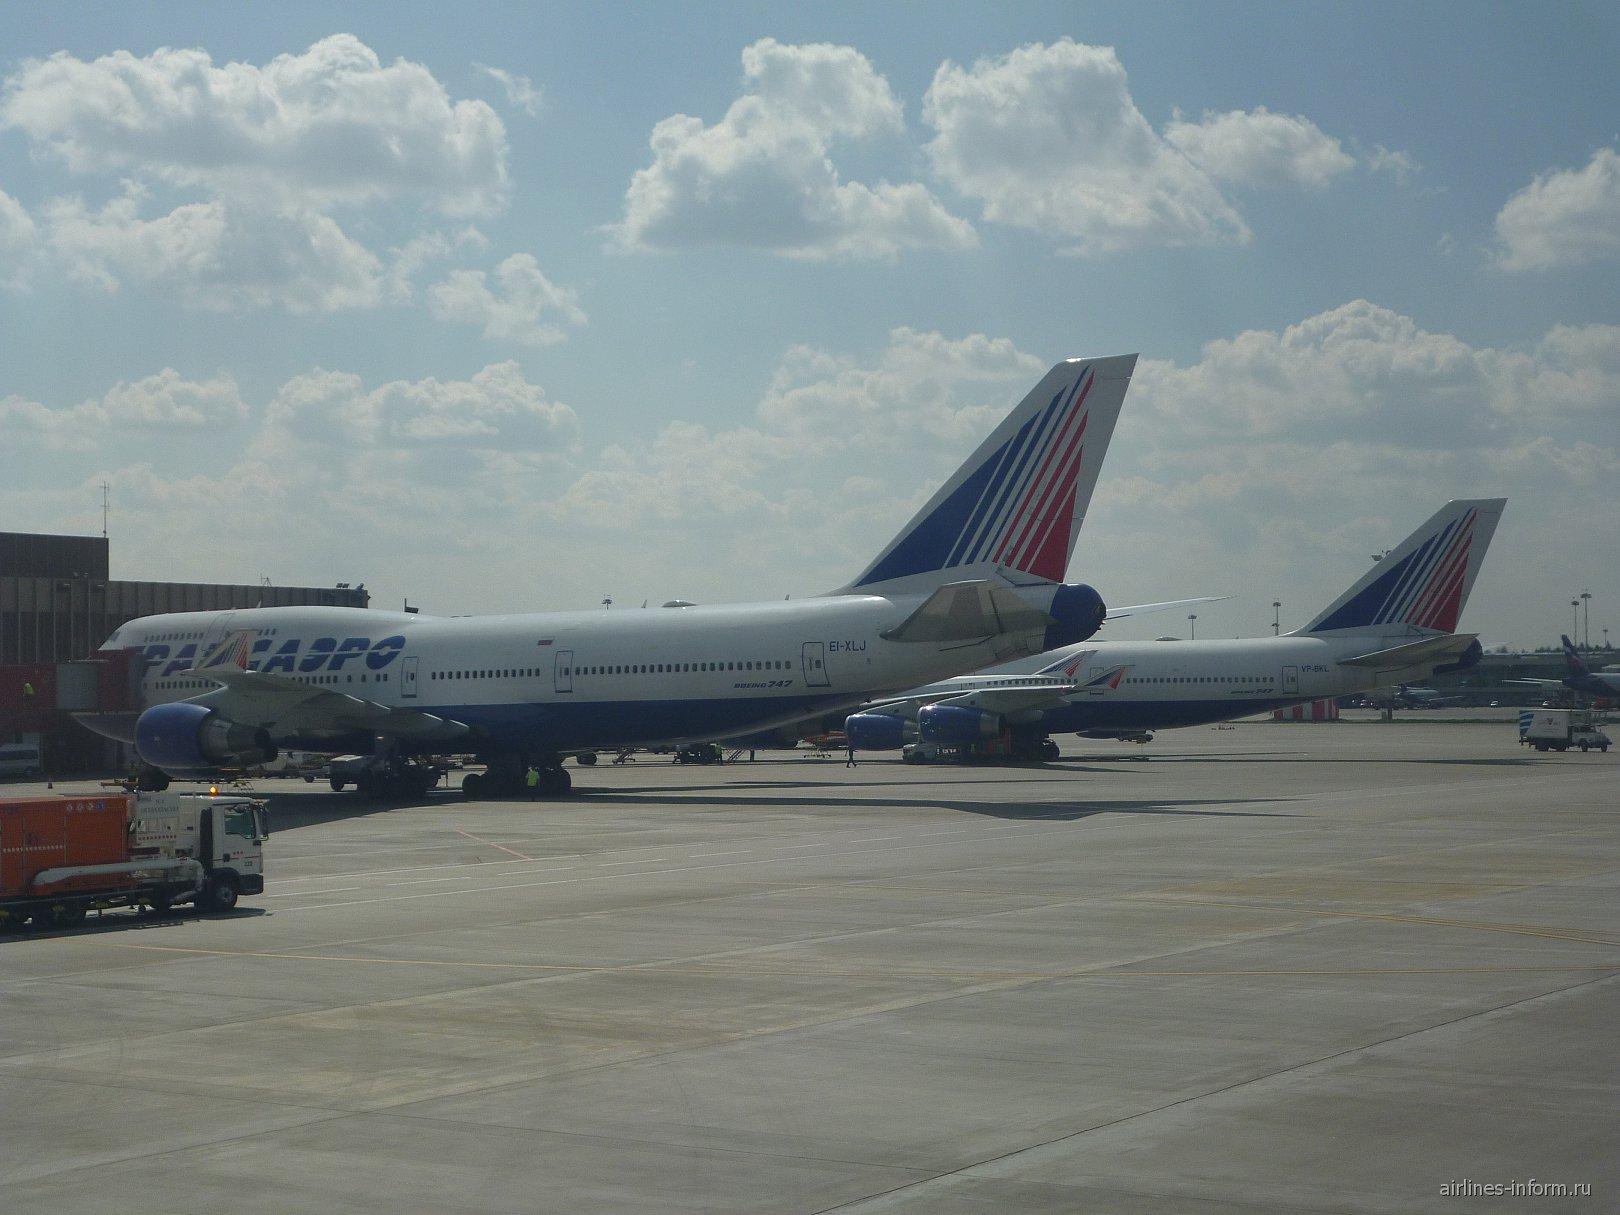 Боинги-747 авиакомпании Трансаэро  в аэропорту Шереметьево